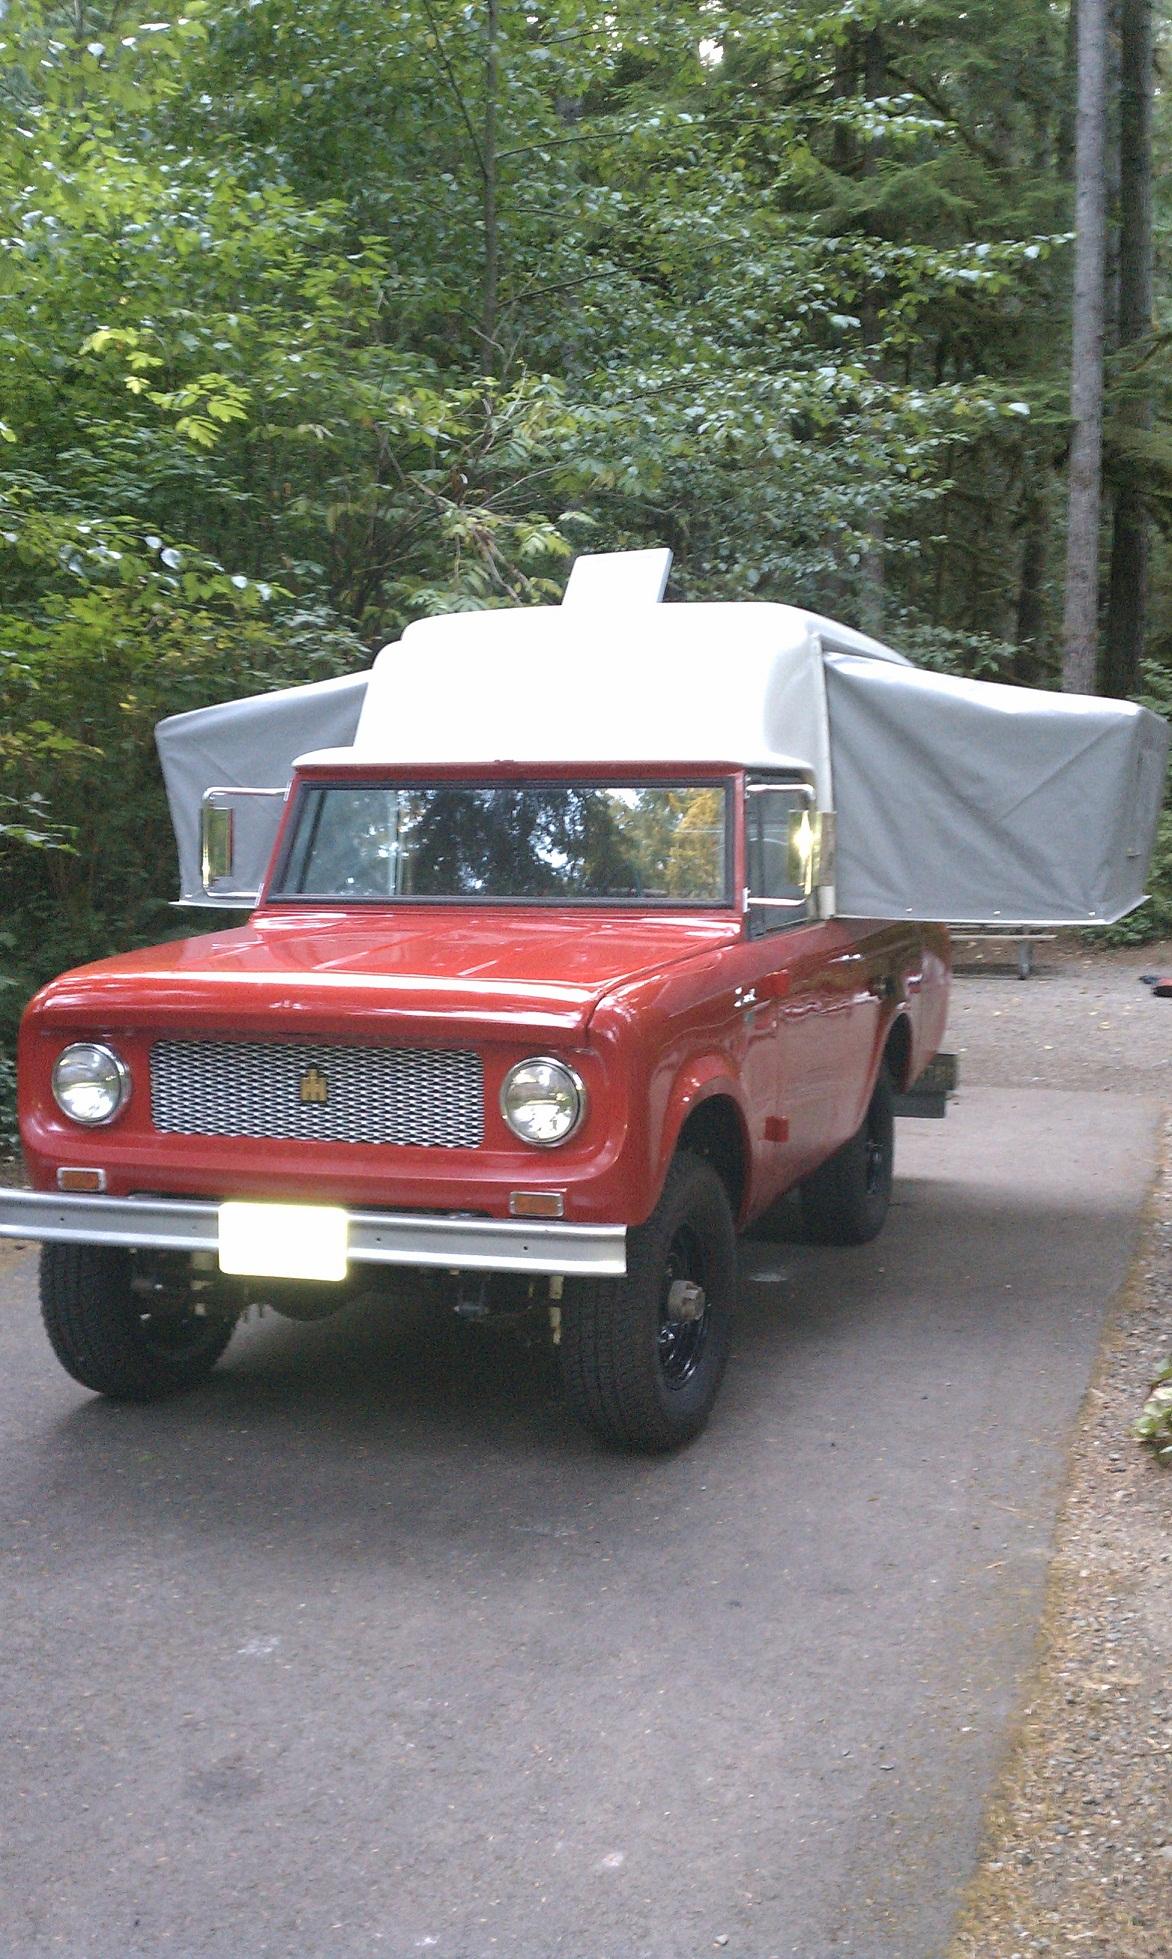 Autobot Transformer Camper Scout Slide In Camper Truck